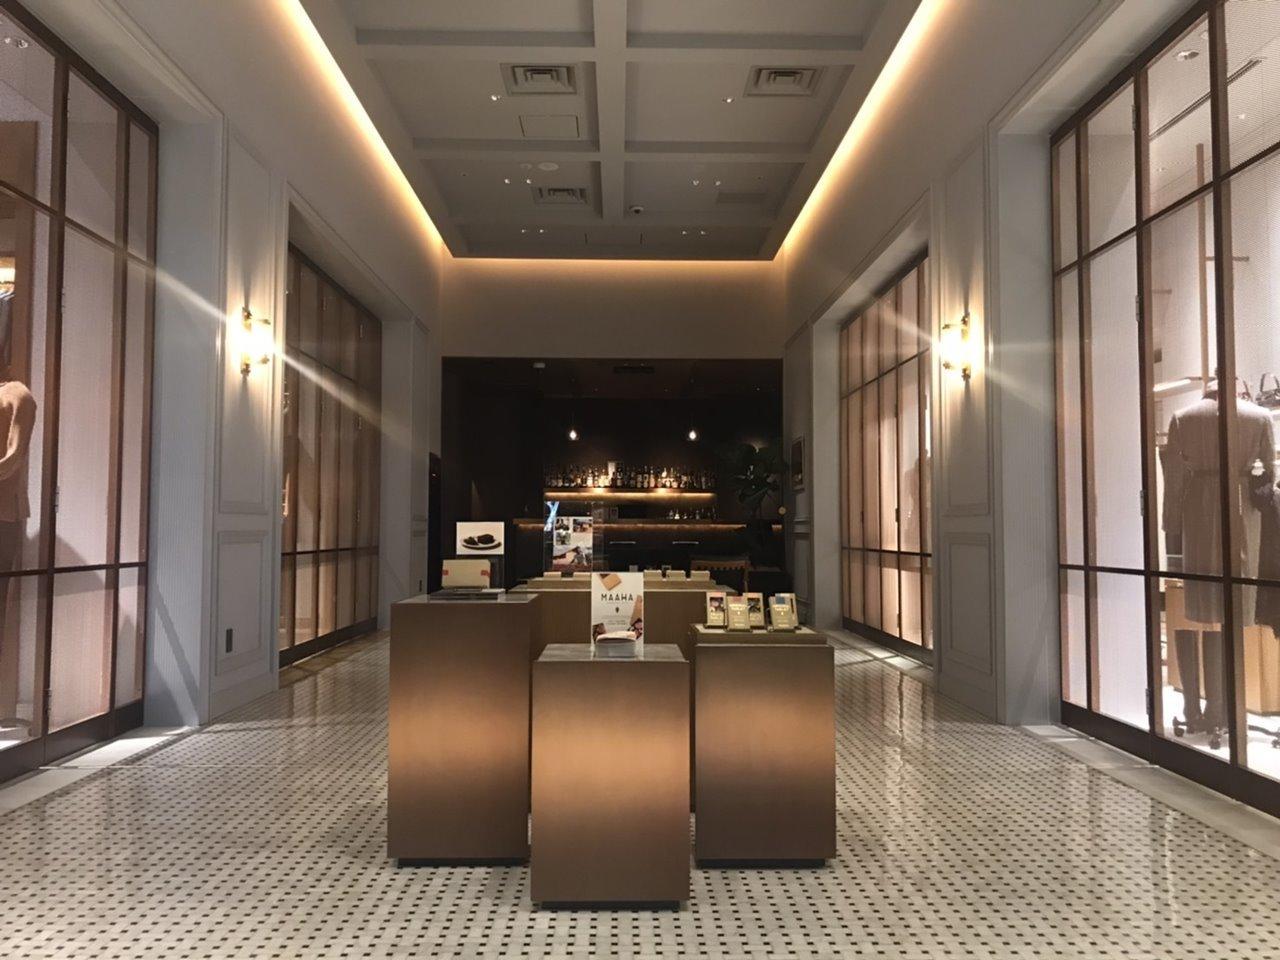 「ポール・スチュアート青山本店」中央コリドー(回廊)で開催中